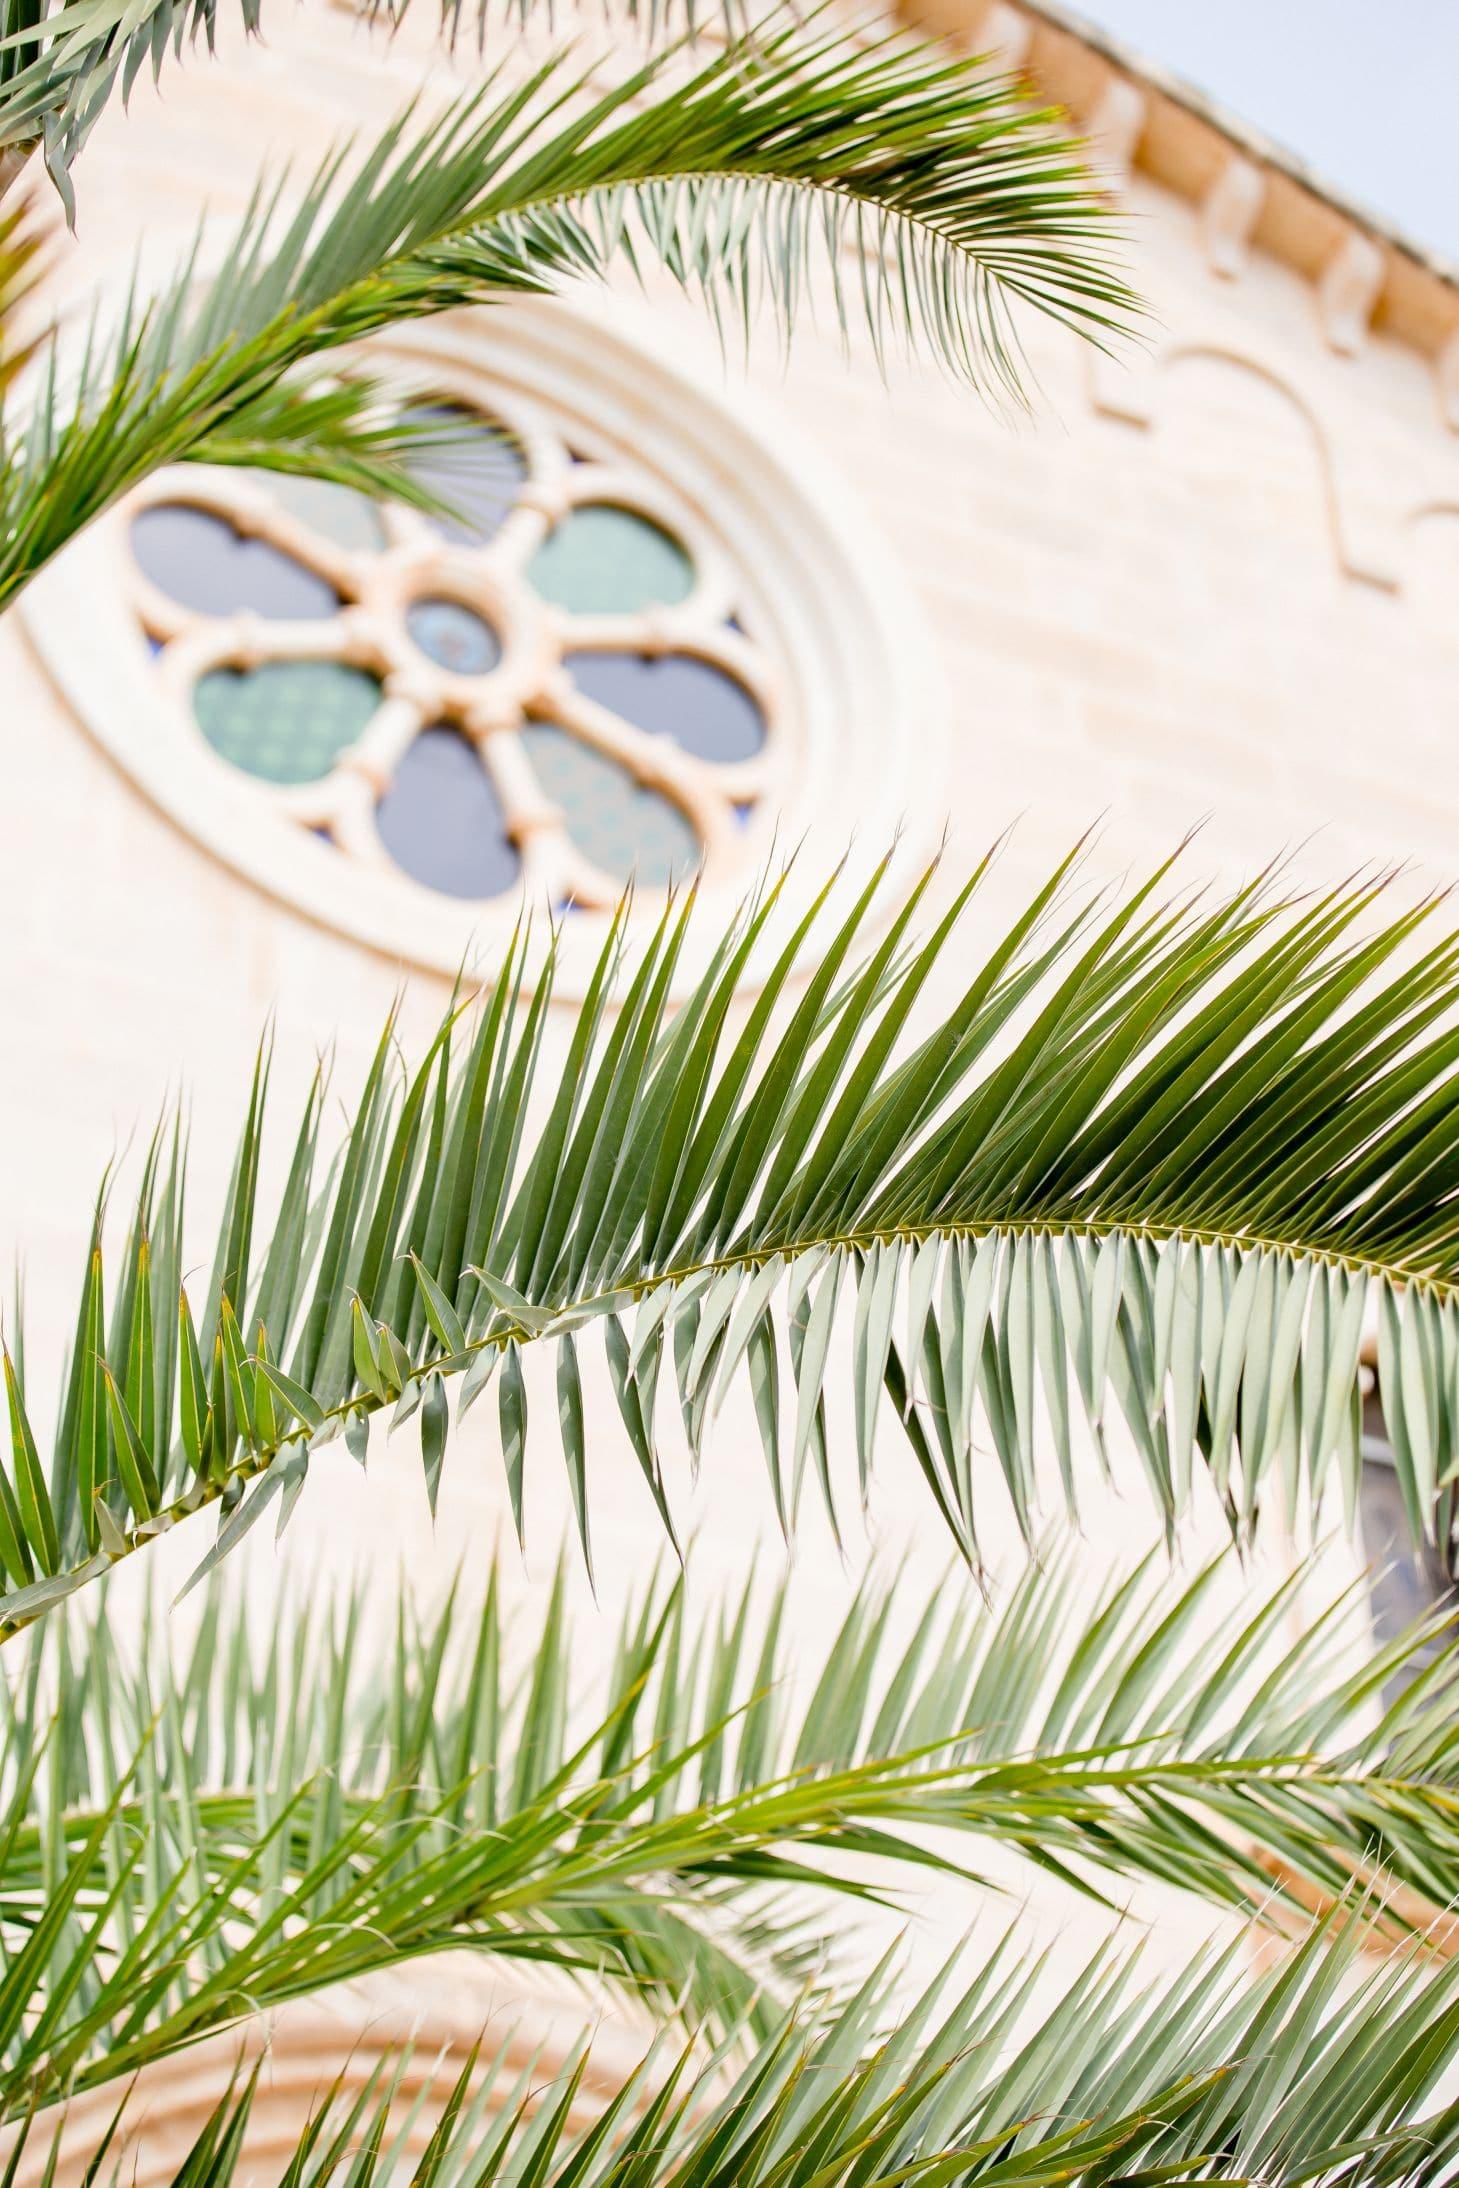 Million Memories_S&J_Hochzeitsfotograf_Mallorca_Spain_Wedding_Spanien Hochzeit_Balearen_Balearic islands_064